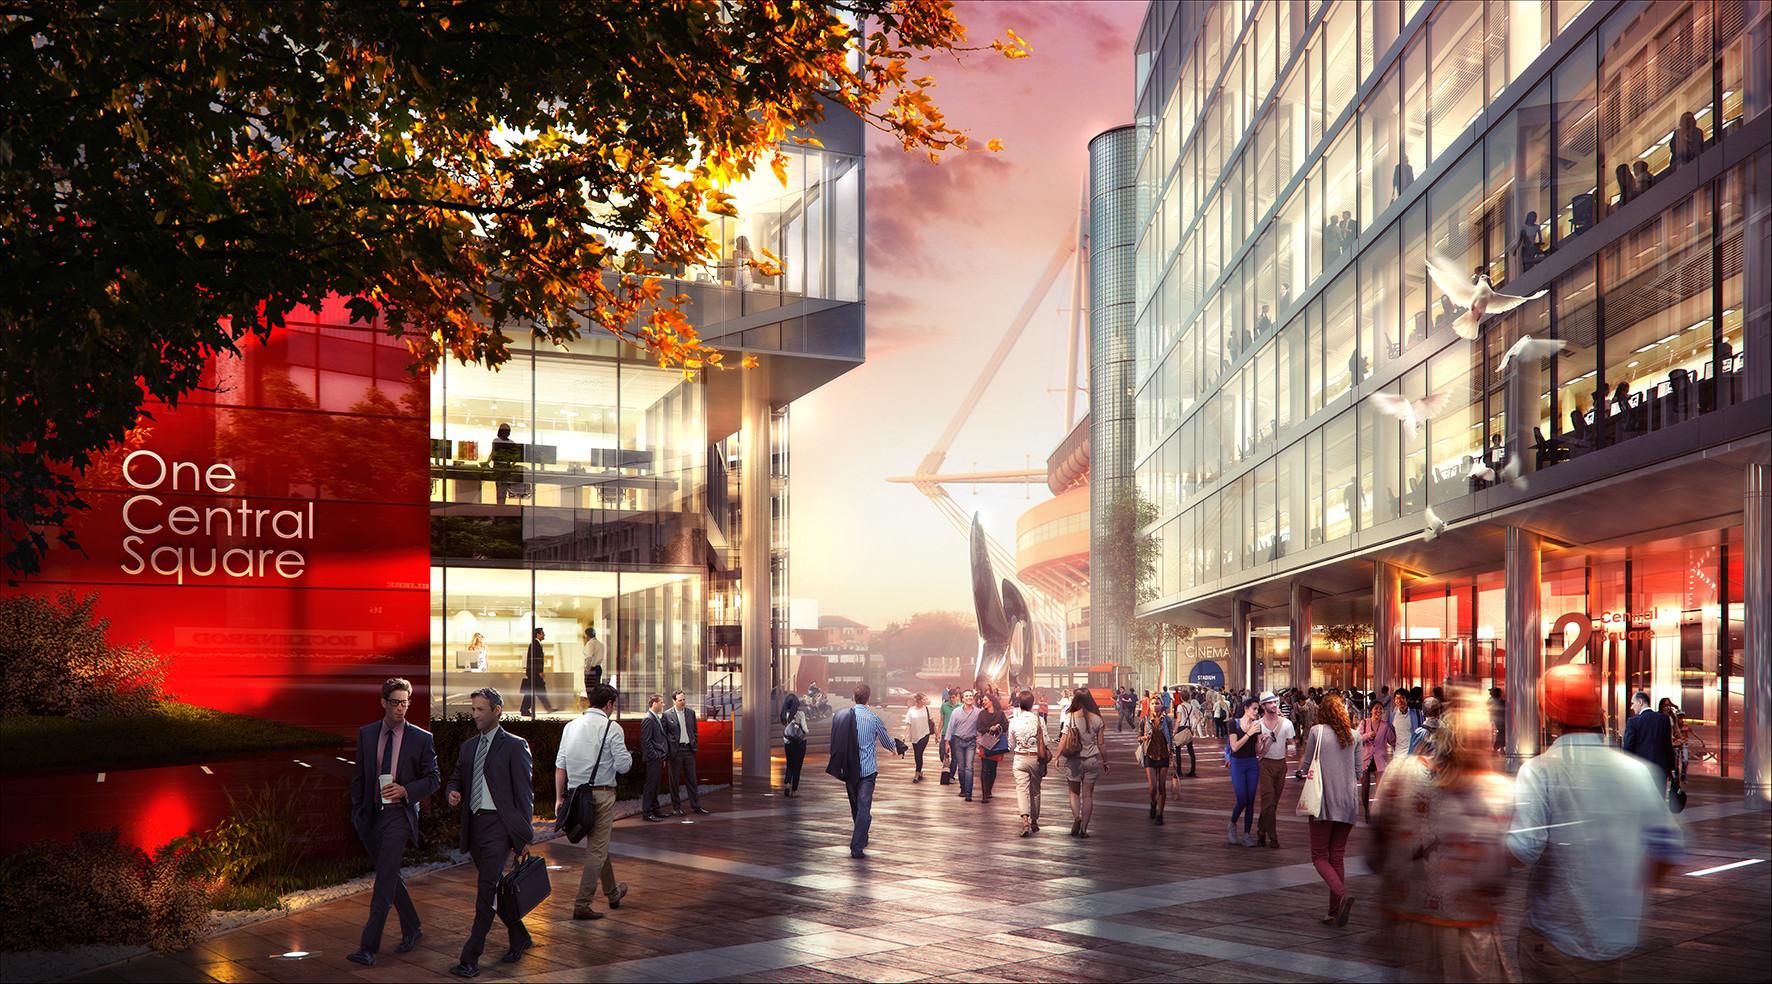 Paseo del milenio. Imágen cortesía del Ayuntamiento de Cardiff